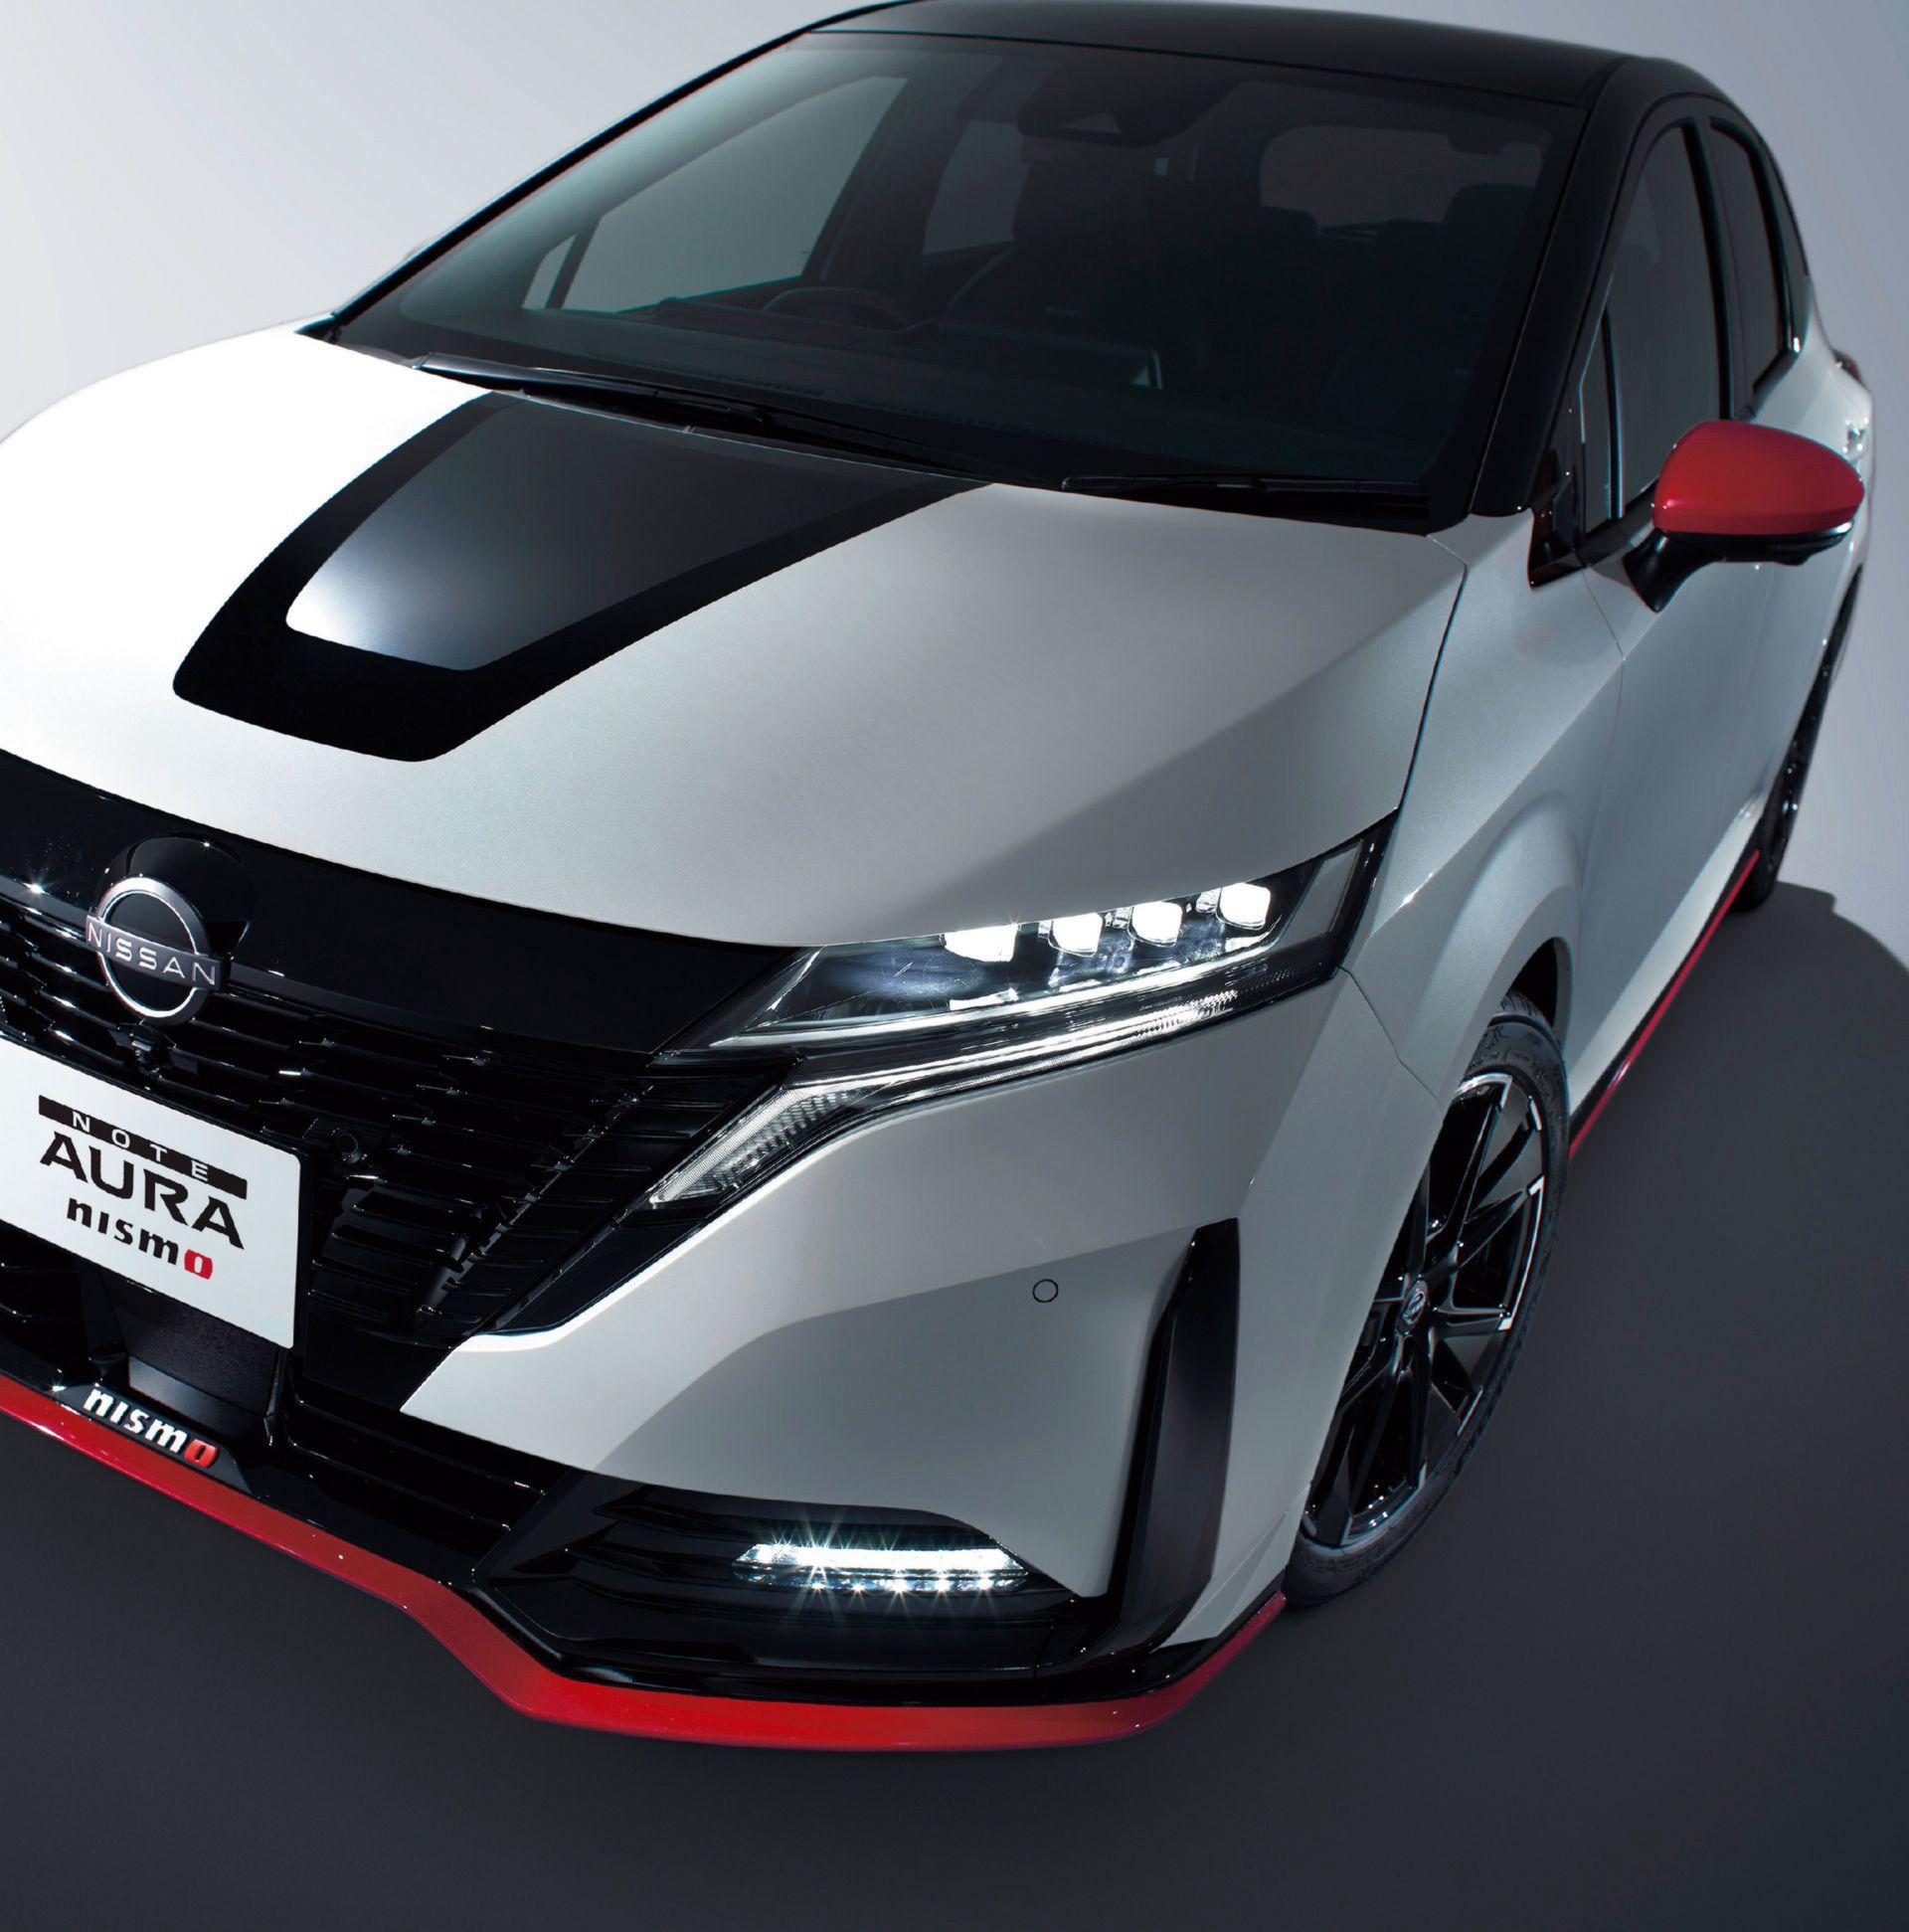 2022_Nissan_Note_Aura_Nismo-0009